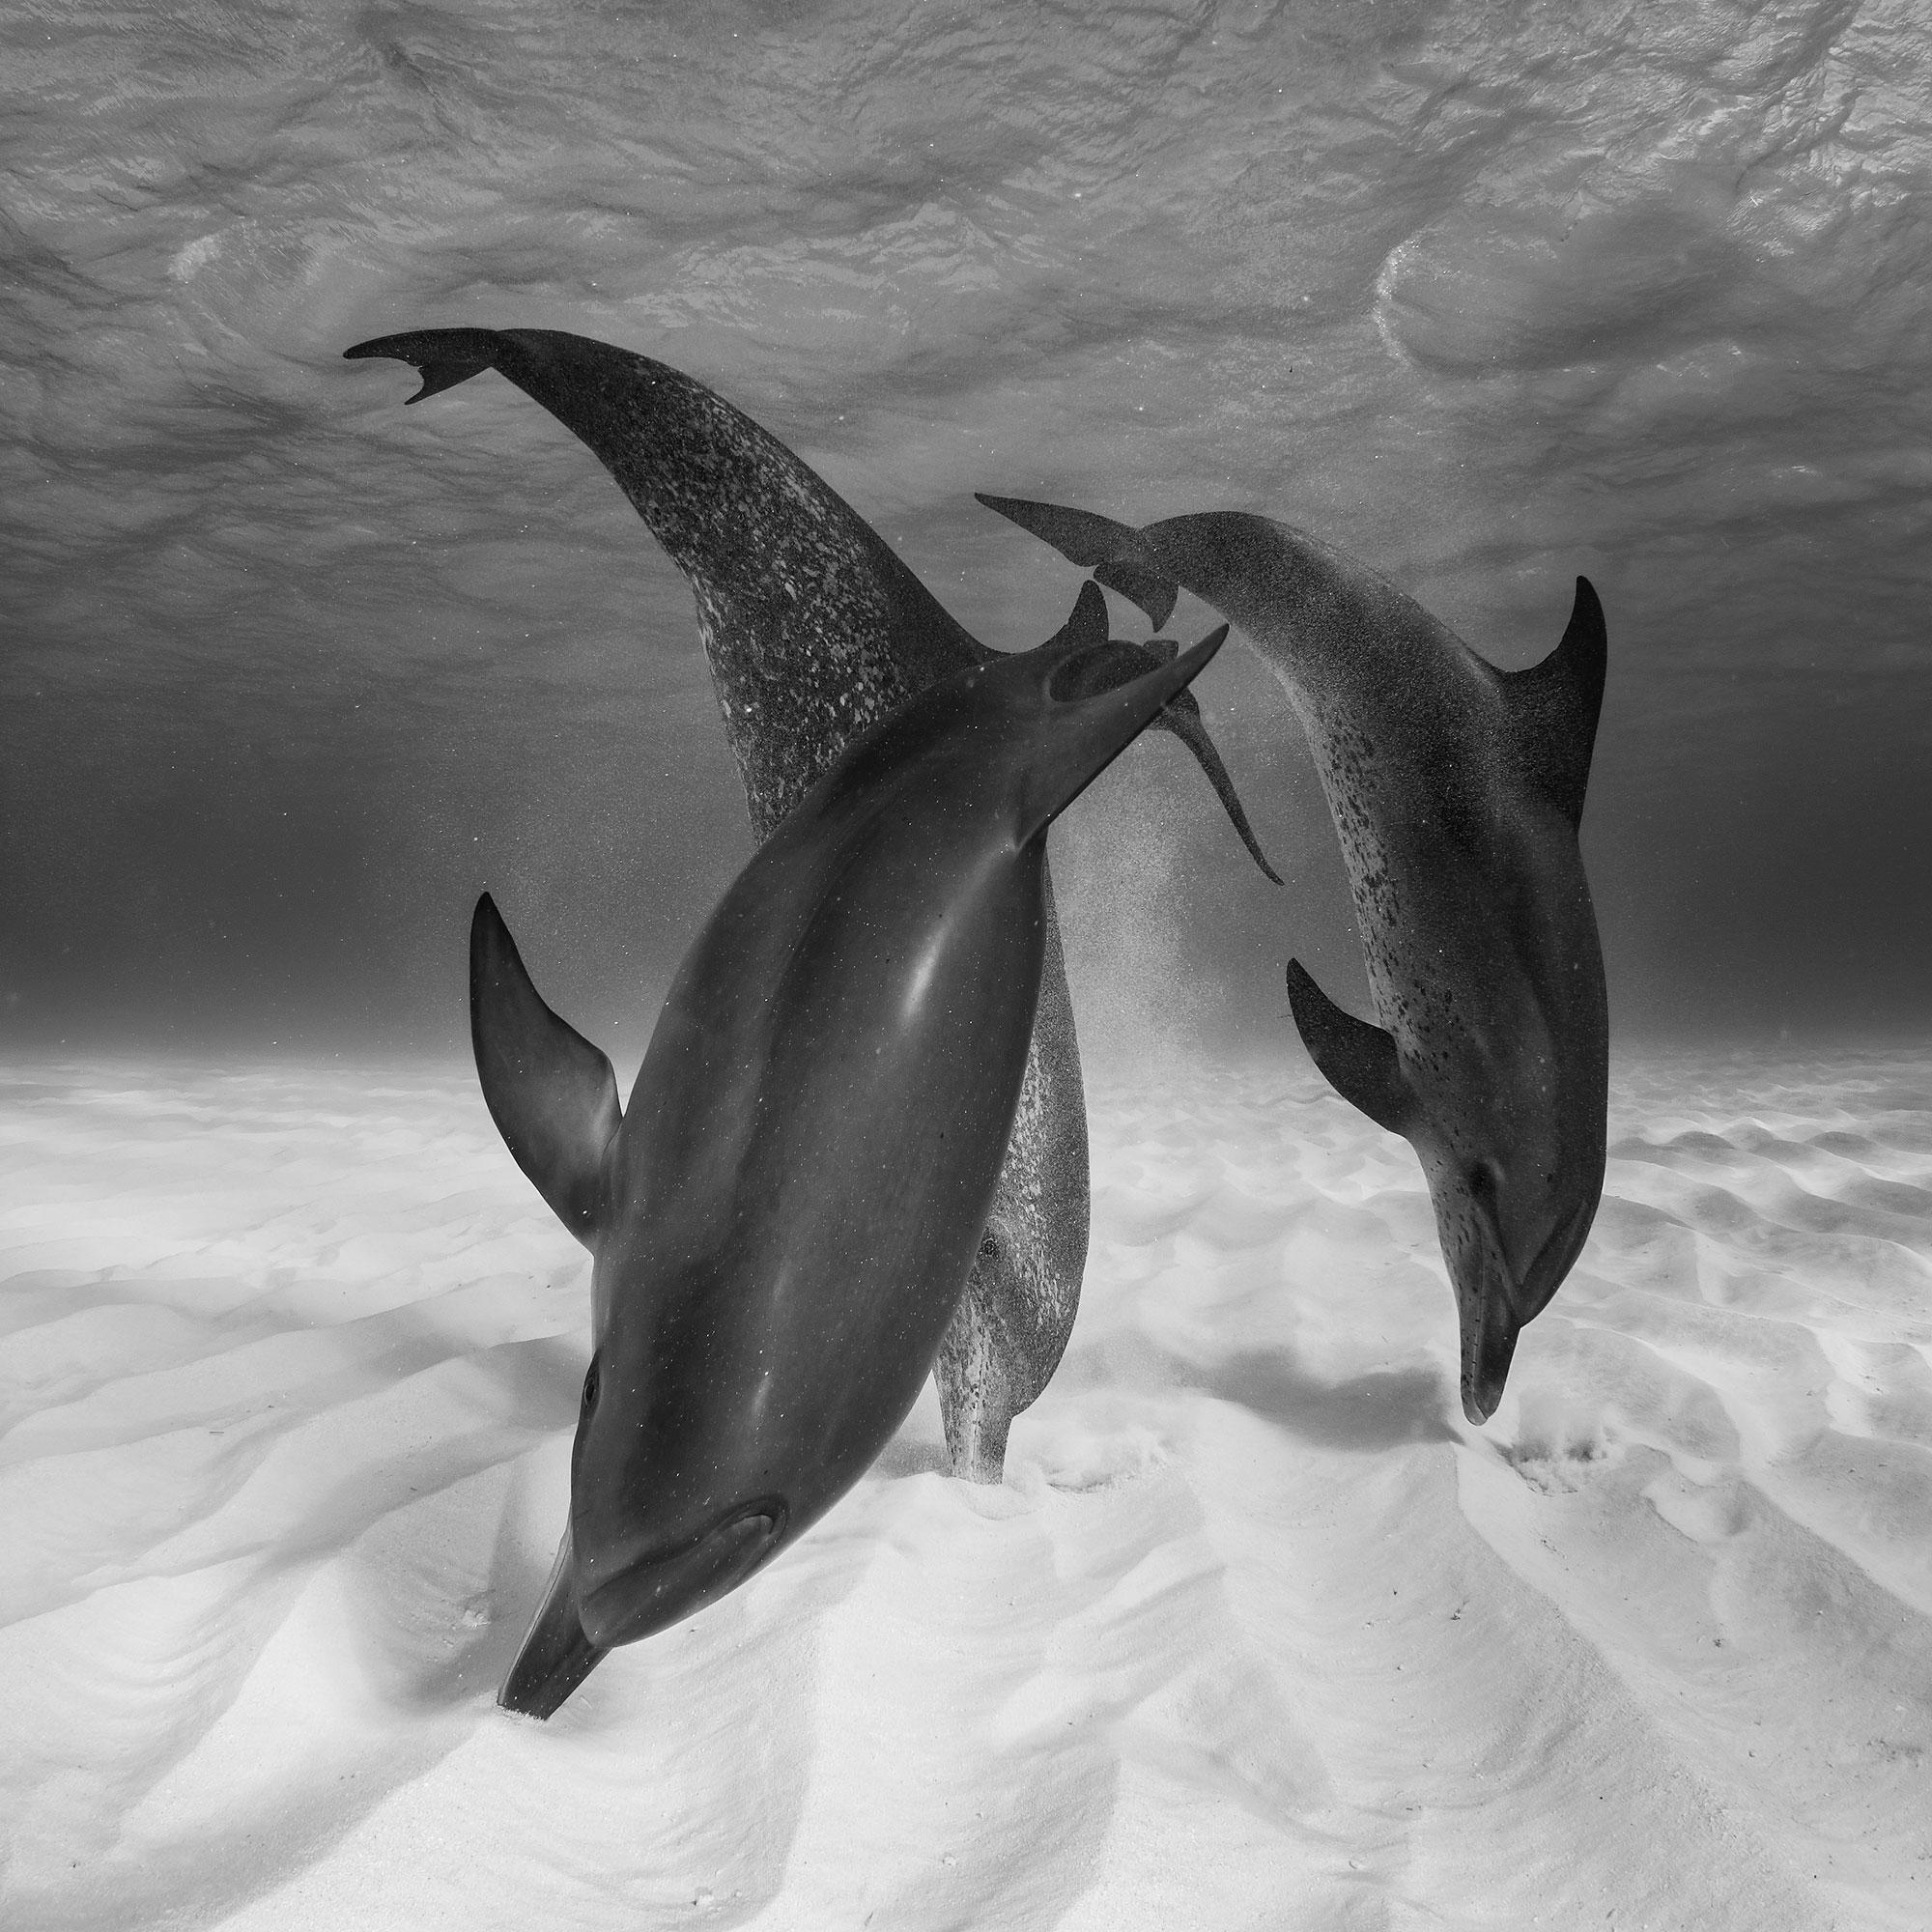 foto: ©Eugene Kitsios - Hunting dolphins, Netherlands National Awards 2017, 2017 Sony World Photography Awards